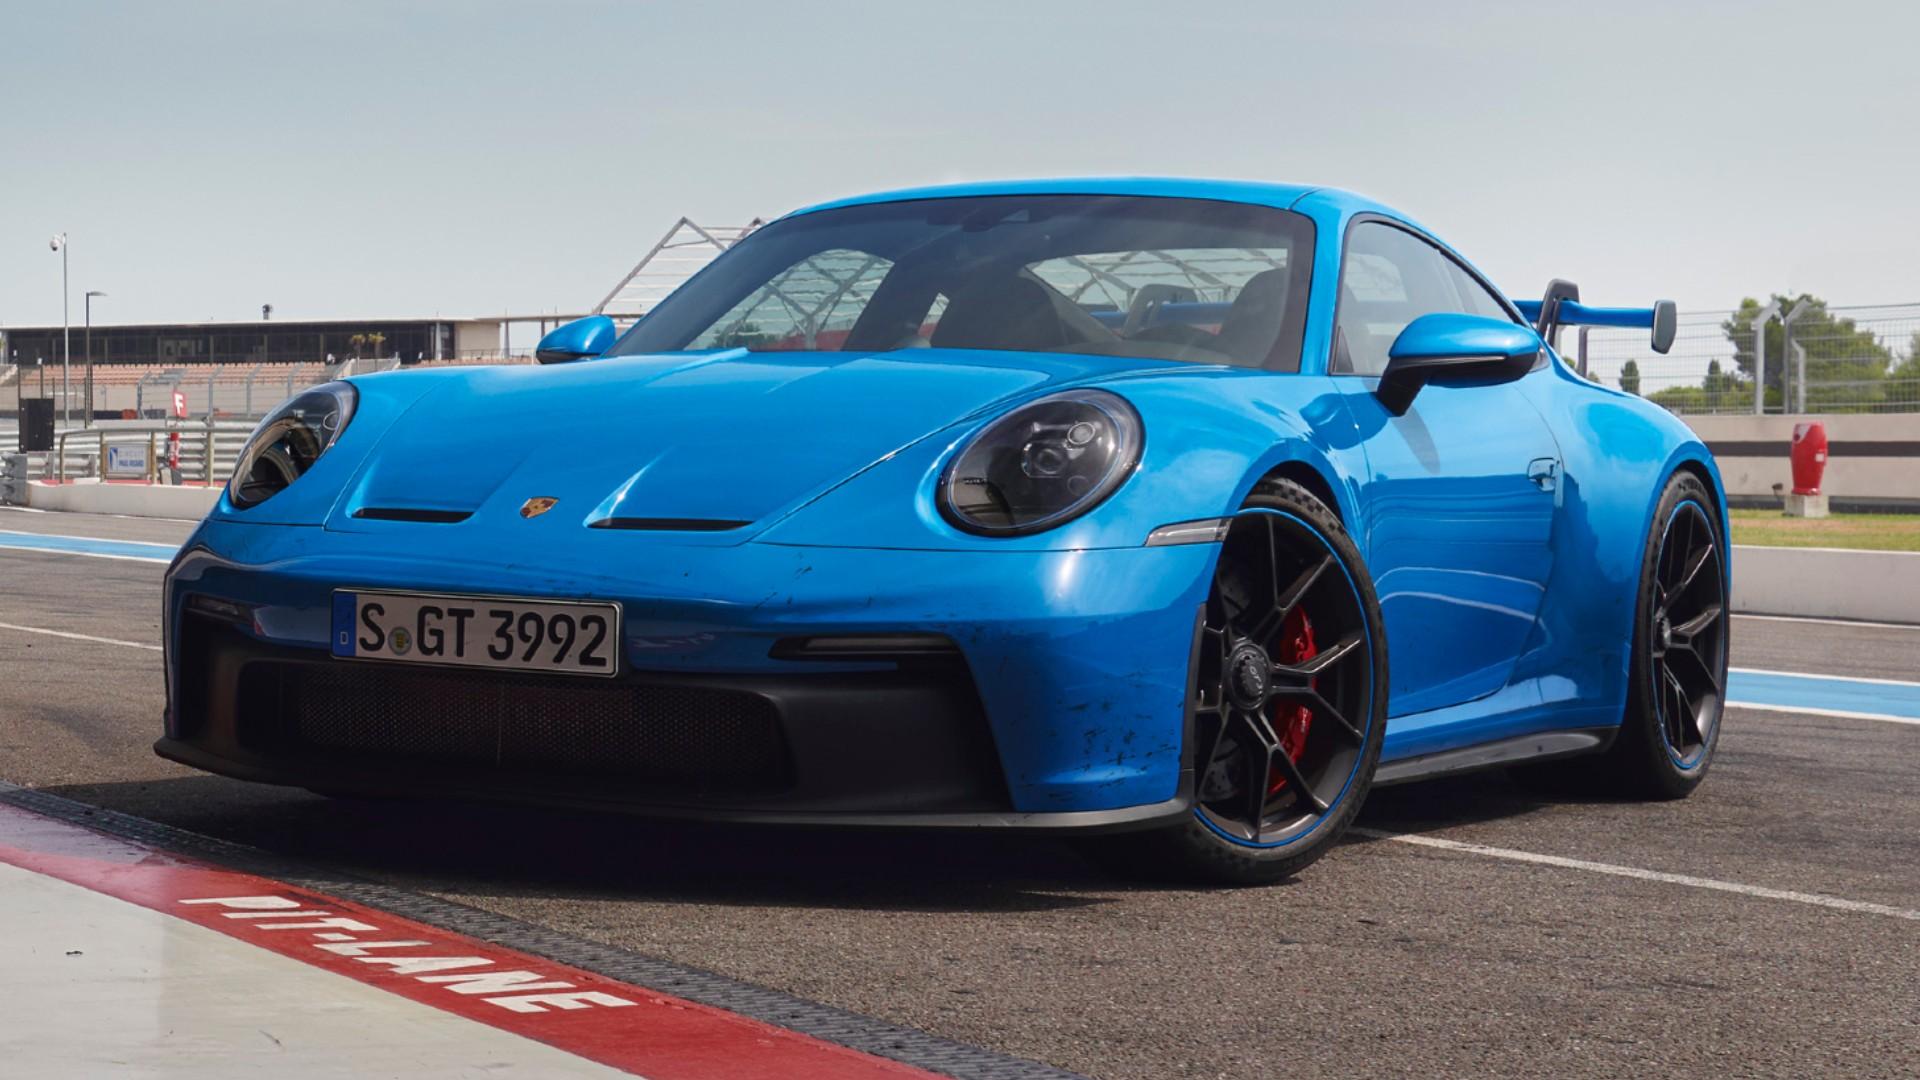 H νέα Porsche 911 GT3 είναι ένα αγωνιστικό για το δρόμο! [vid]